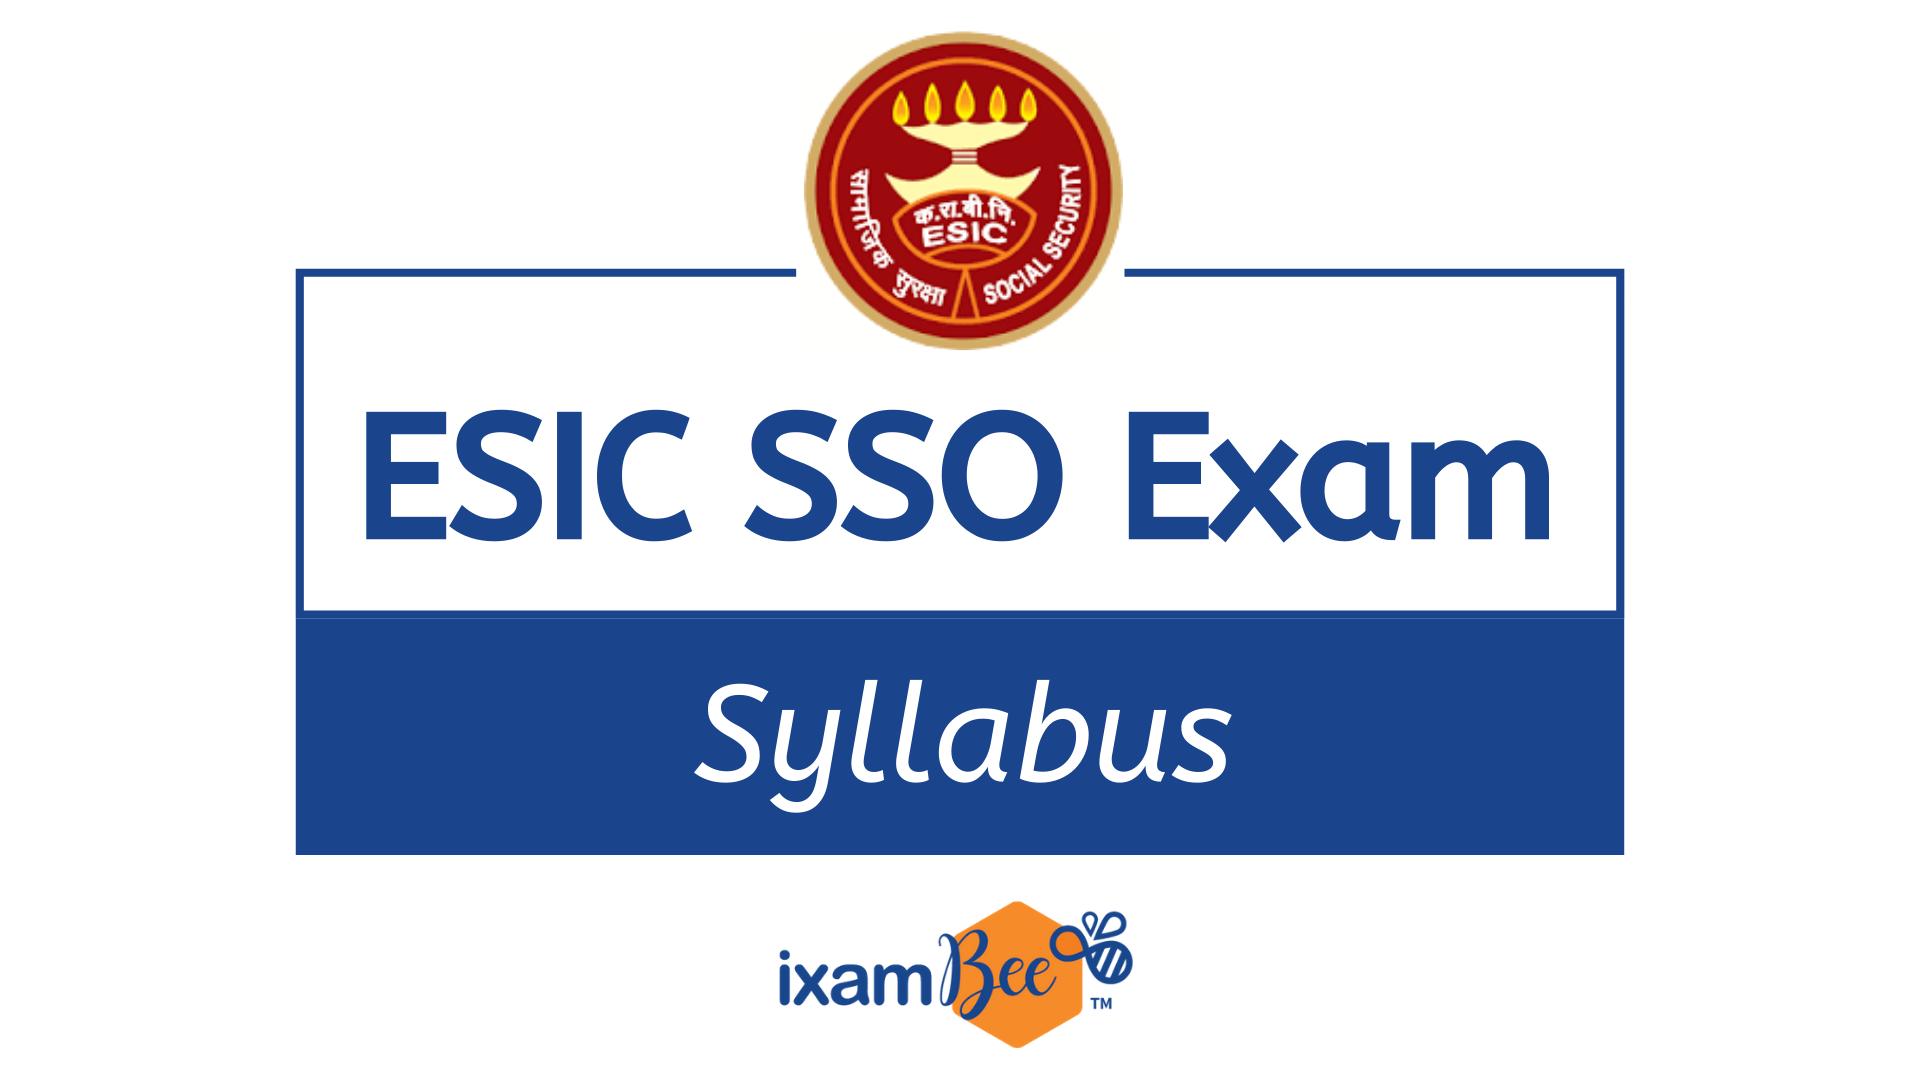 ESIC SSO Exam Books